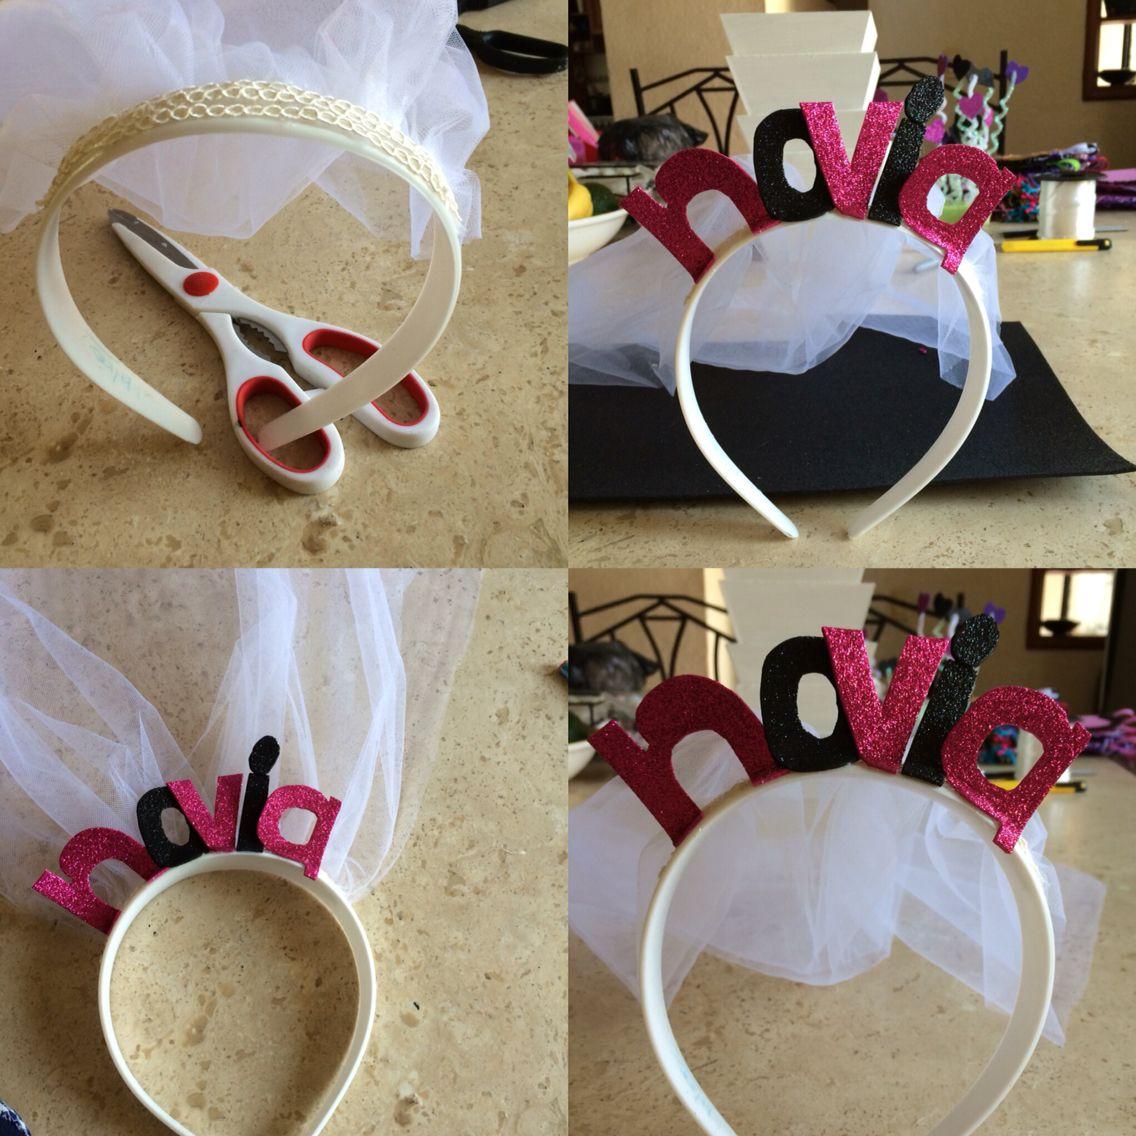 Diadema con velo de novia despedidas de solteras for Complementos de decoracion